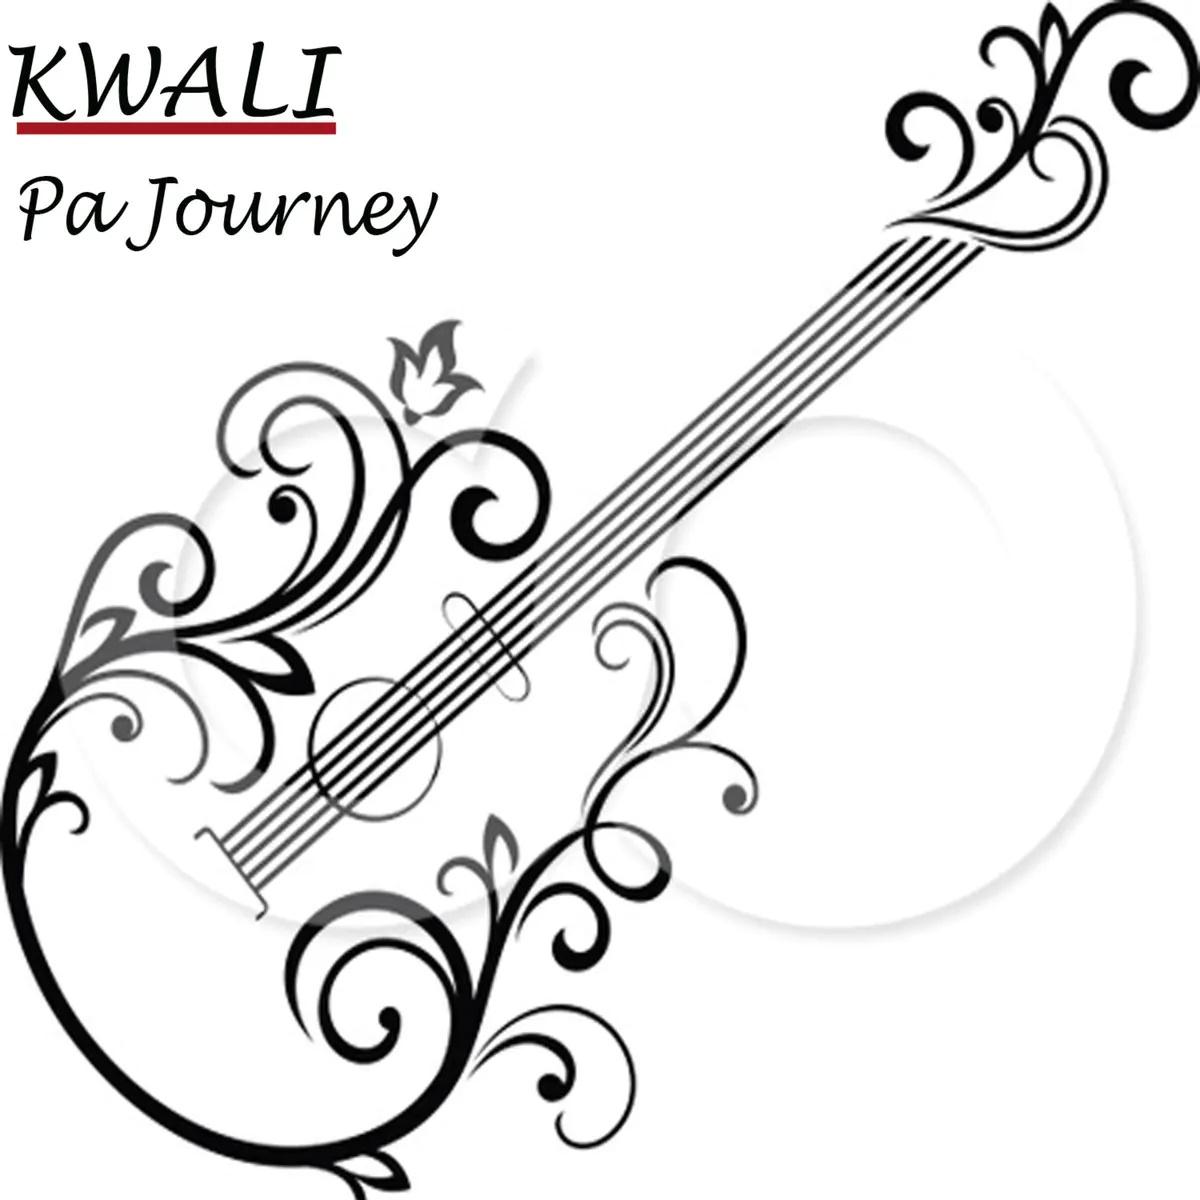 Kwali